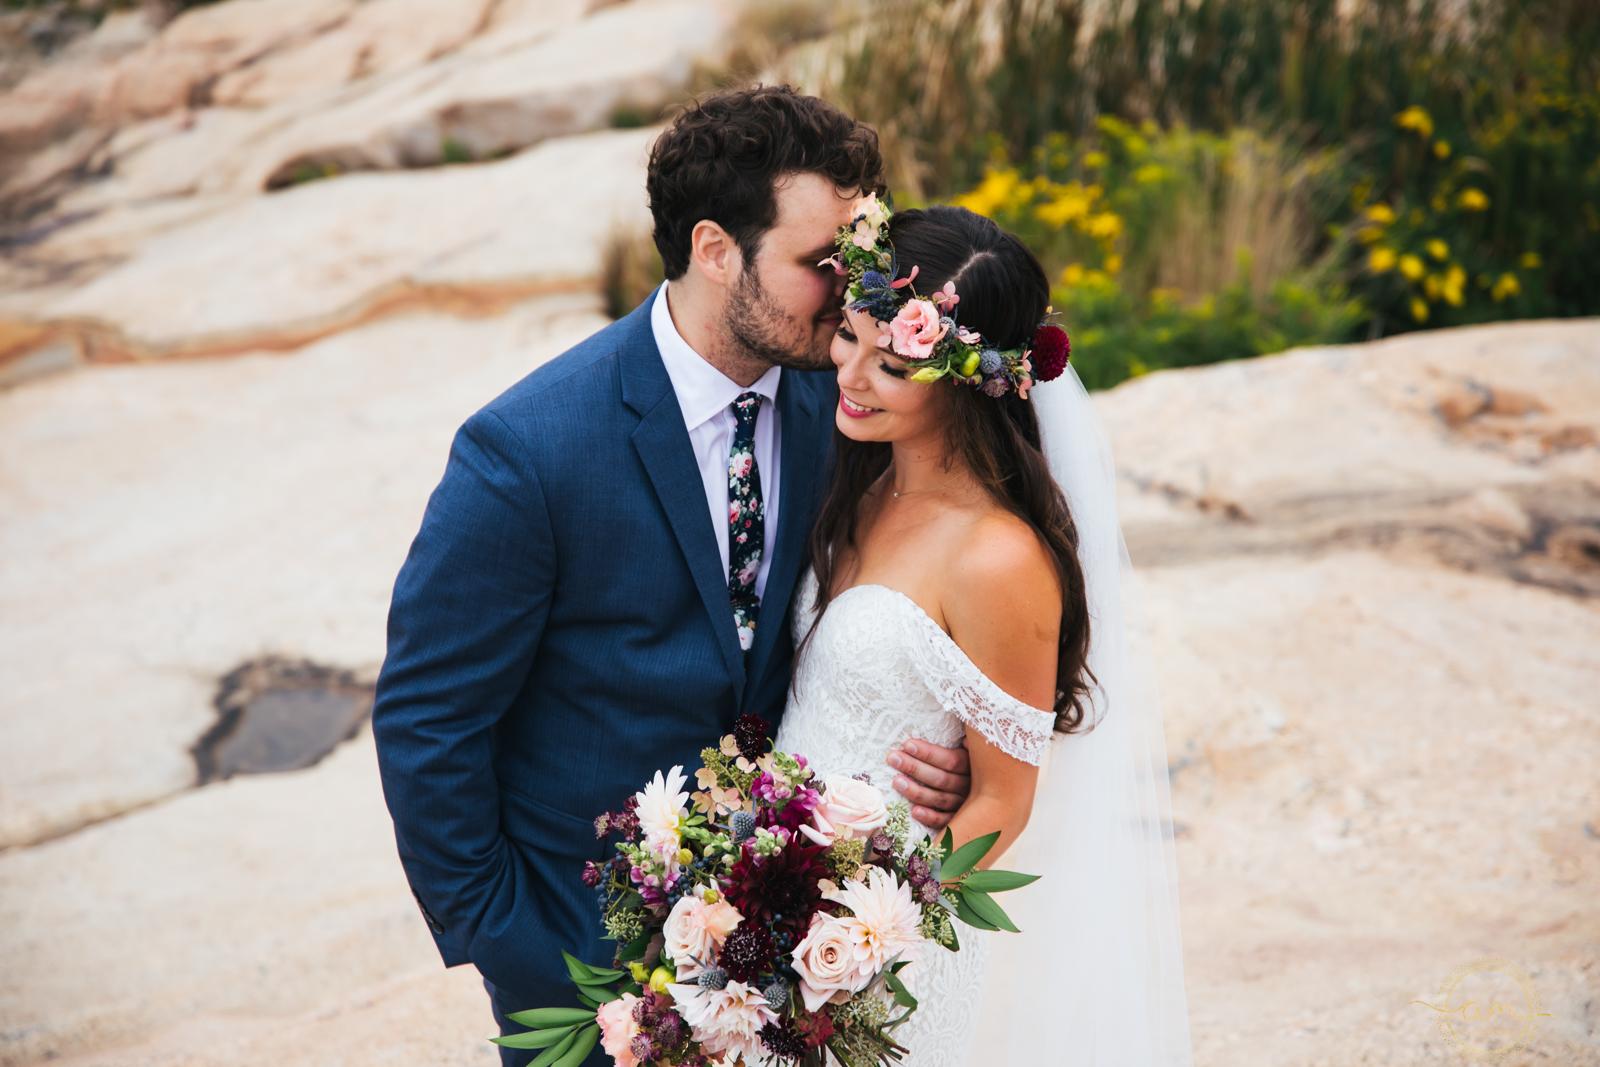 Narragansett-RI-Beach-Wedding-Amanda-Morgan-29.jpg